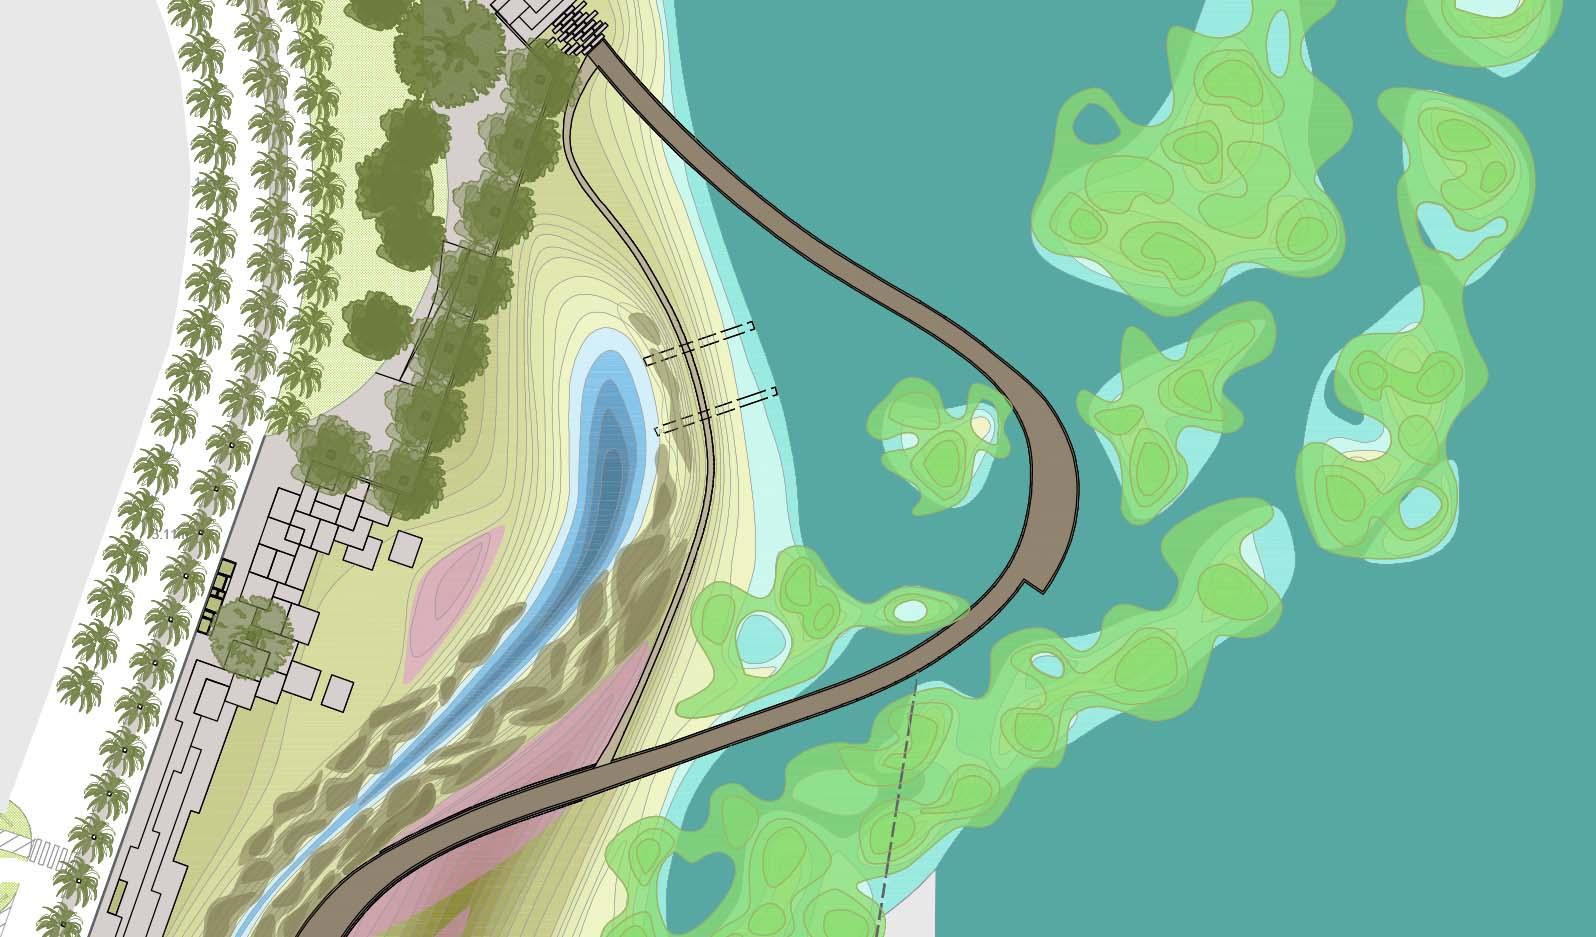 VE-R_Illubirin wetland park_DASUDA_02